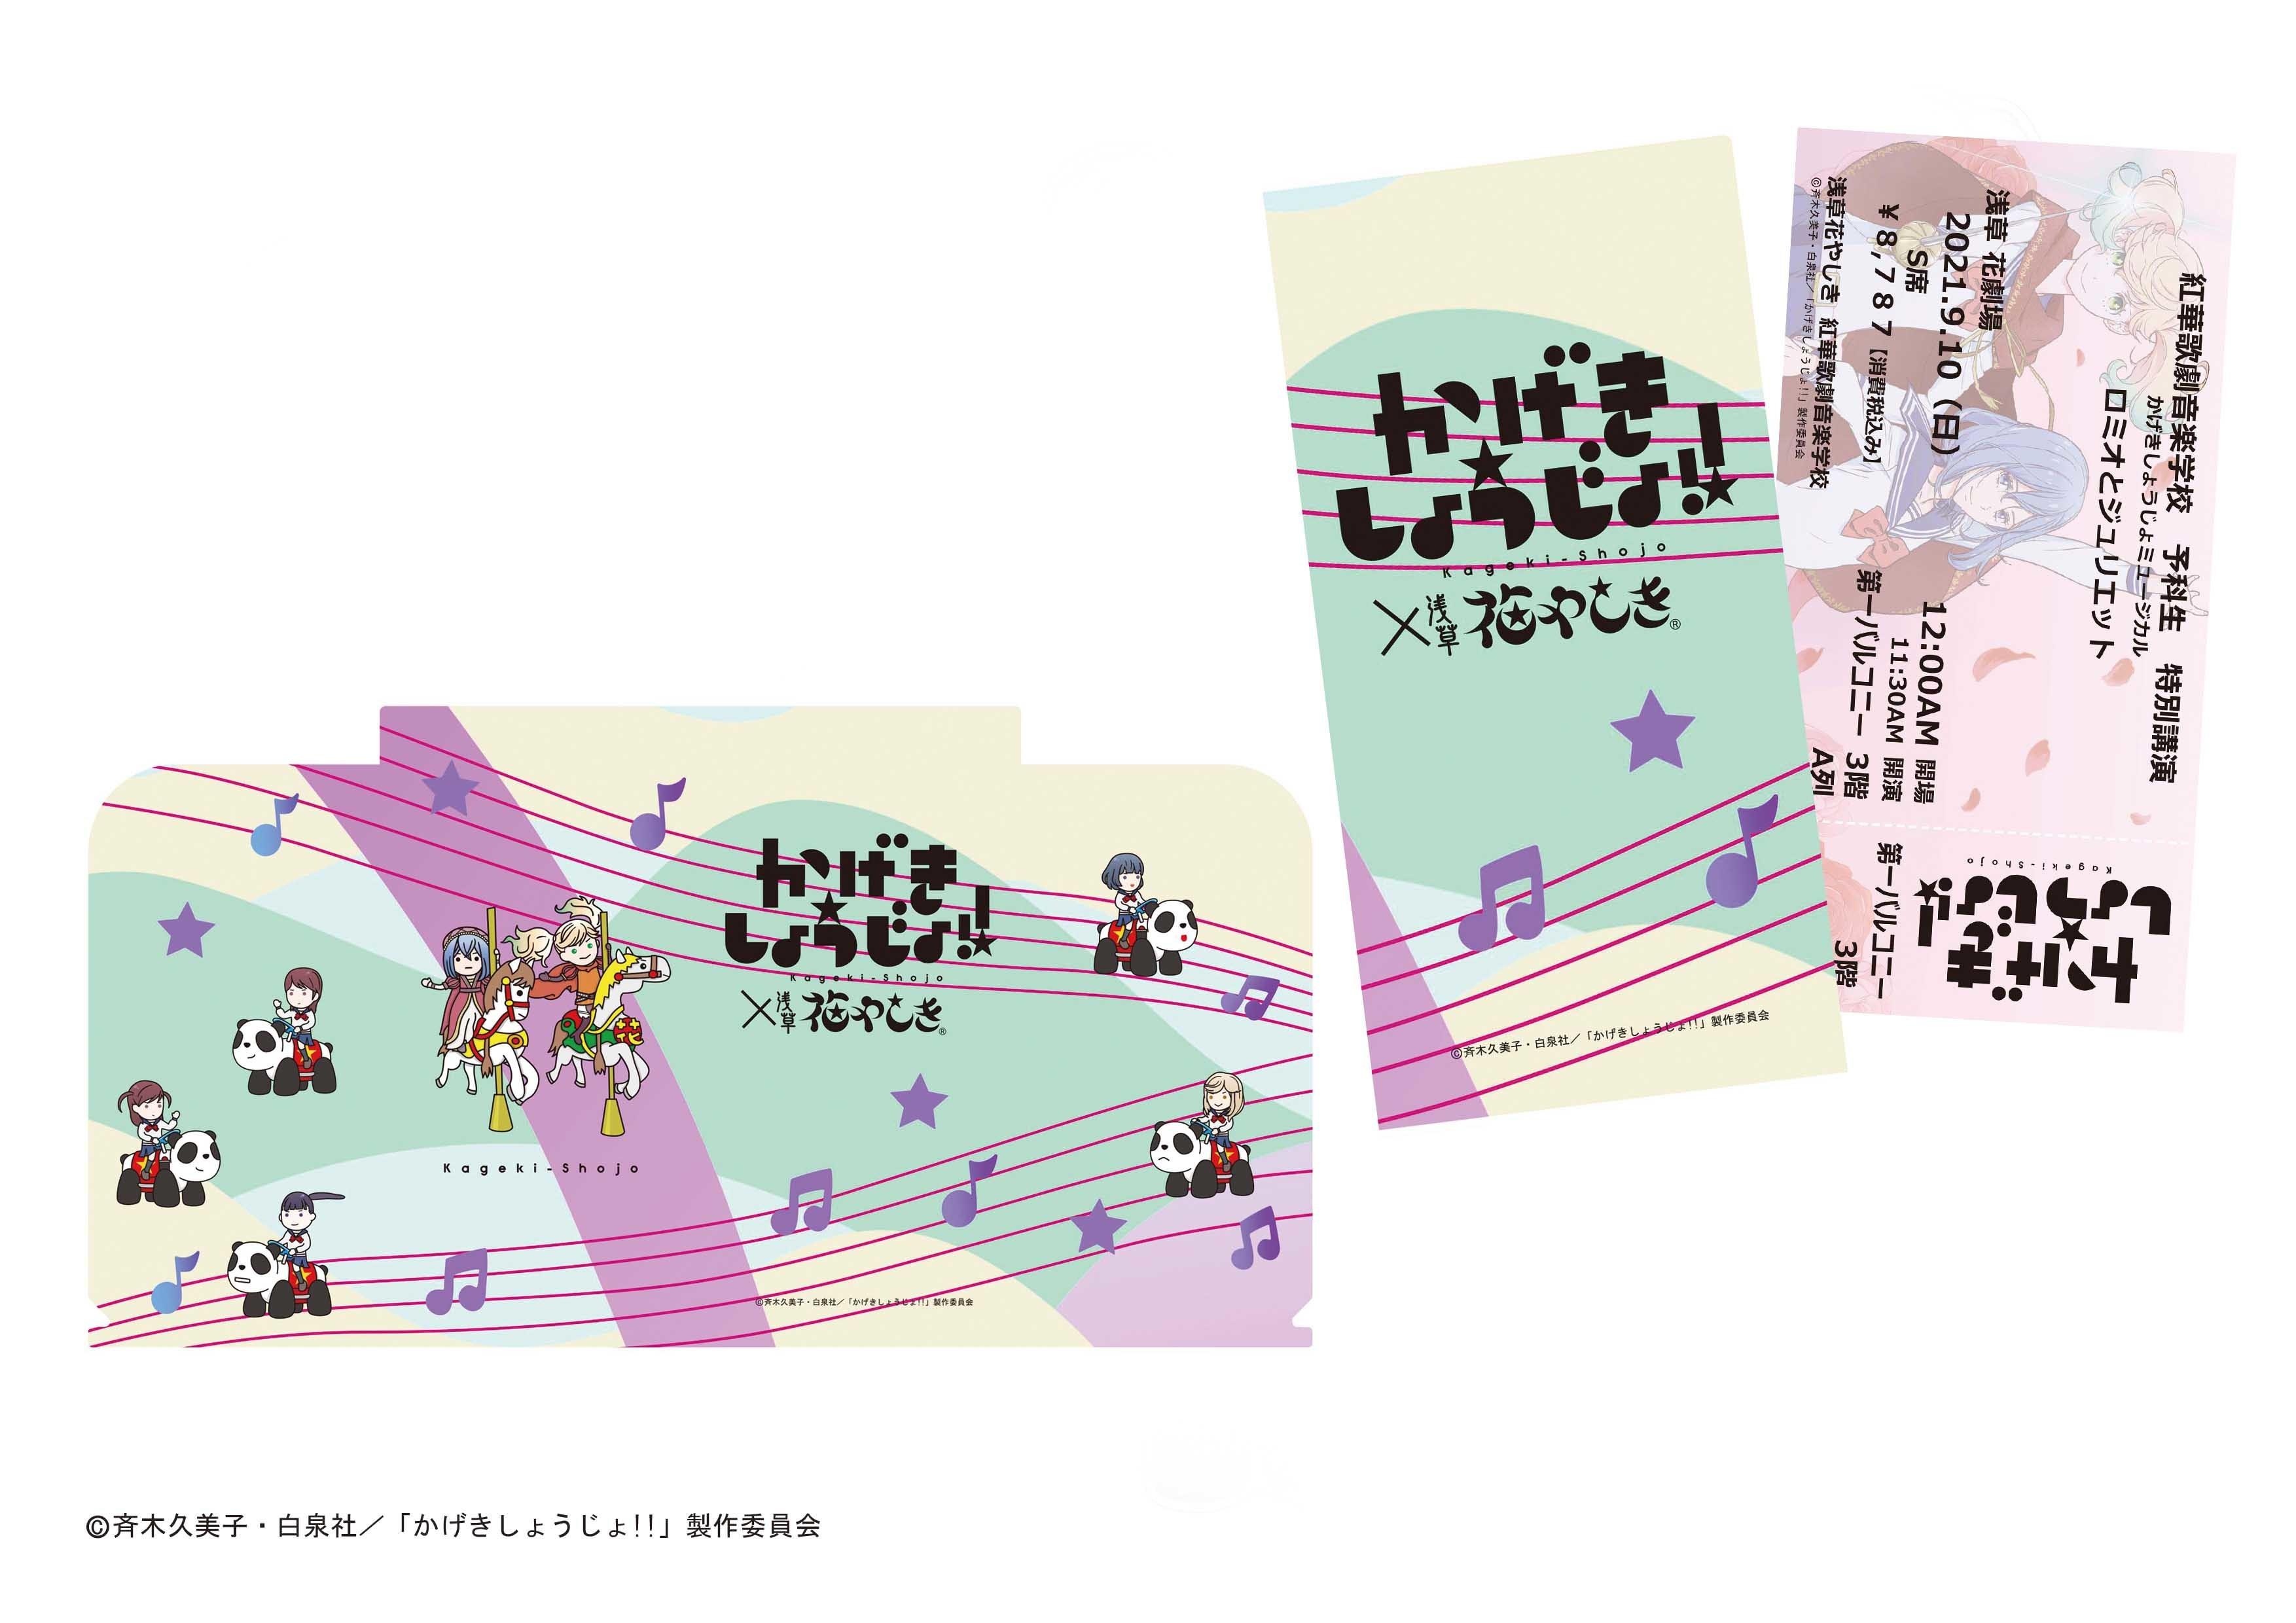 オリジナルチケットフォルダ(ダミーチケット付き)